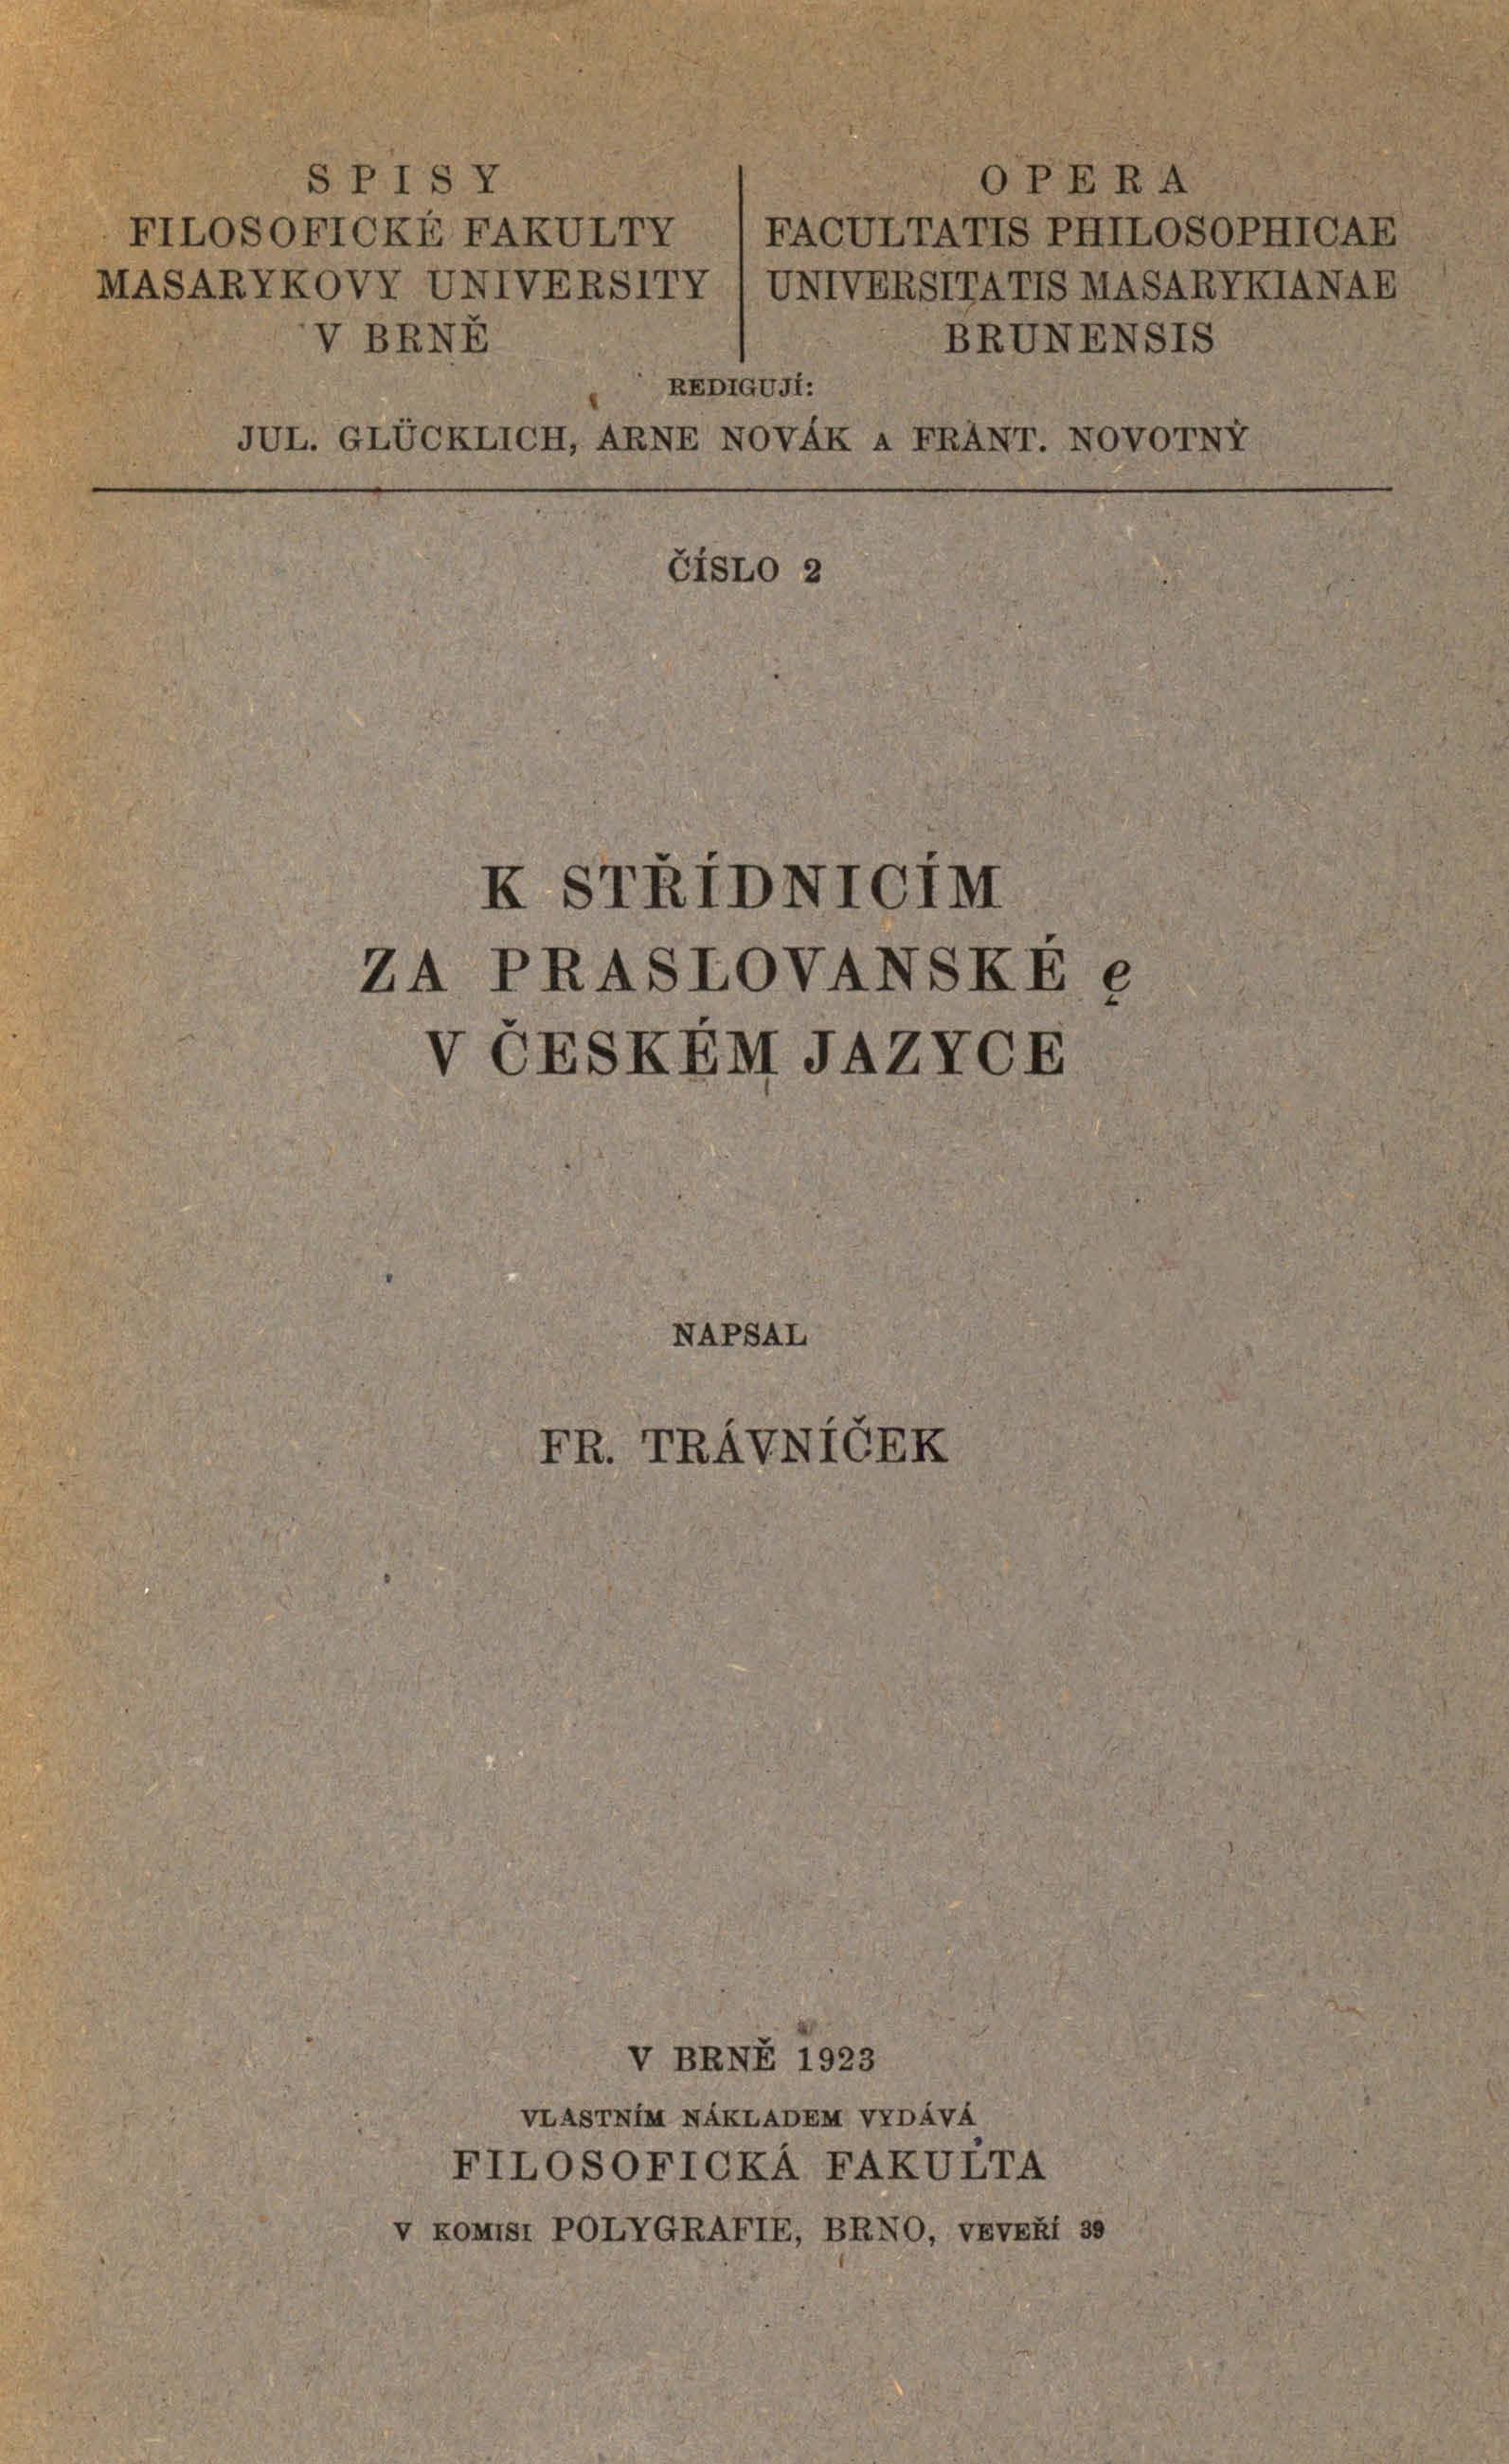 Obálka pro K střídnicím za praslovanské ę v českém jazyce